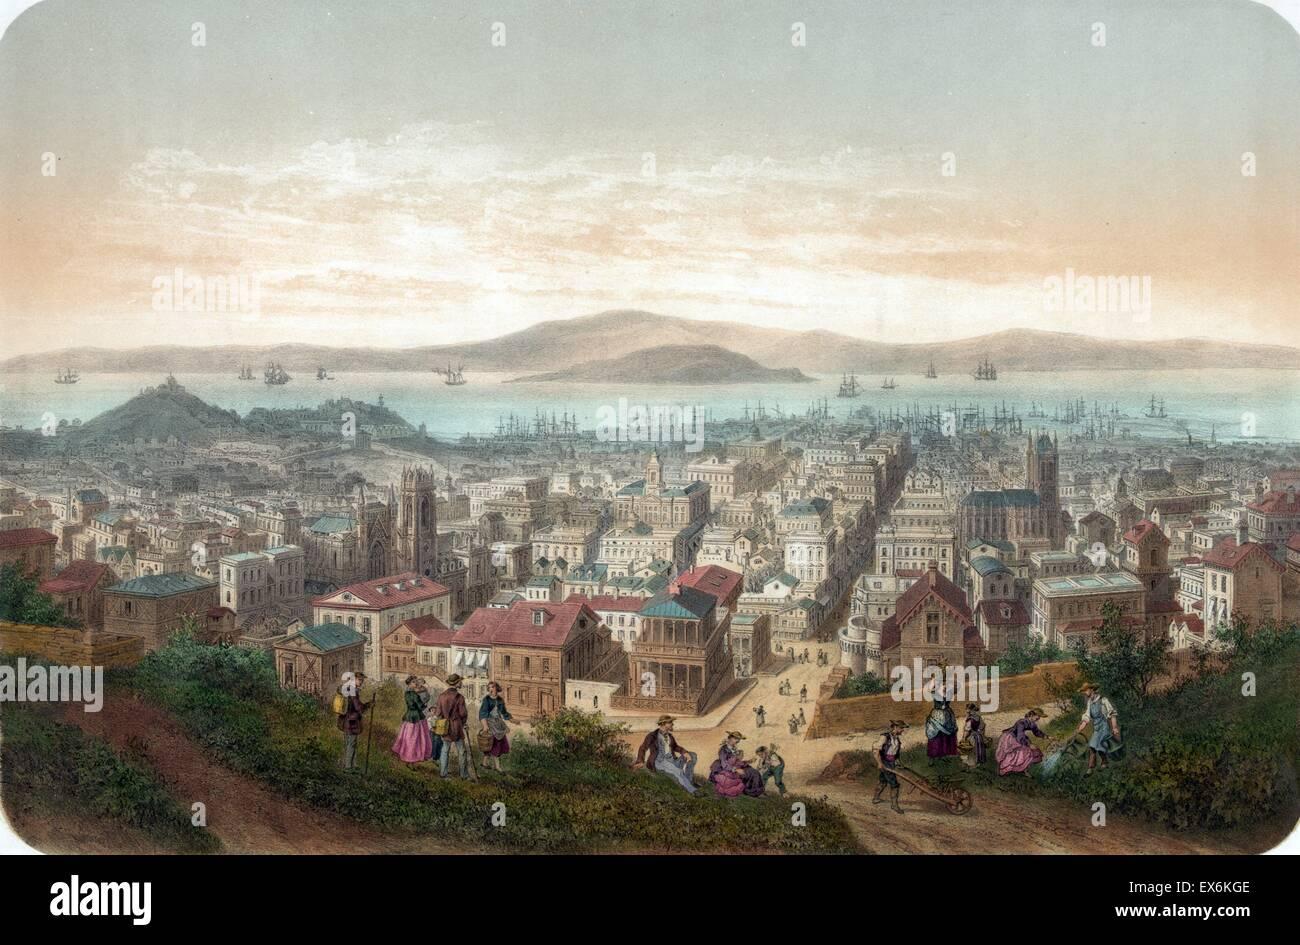 Painting titled 'Vue de San-Francisco Vista de San-Francisco' depicting a view of San-Francisco, with people - Stock Image